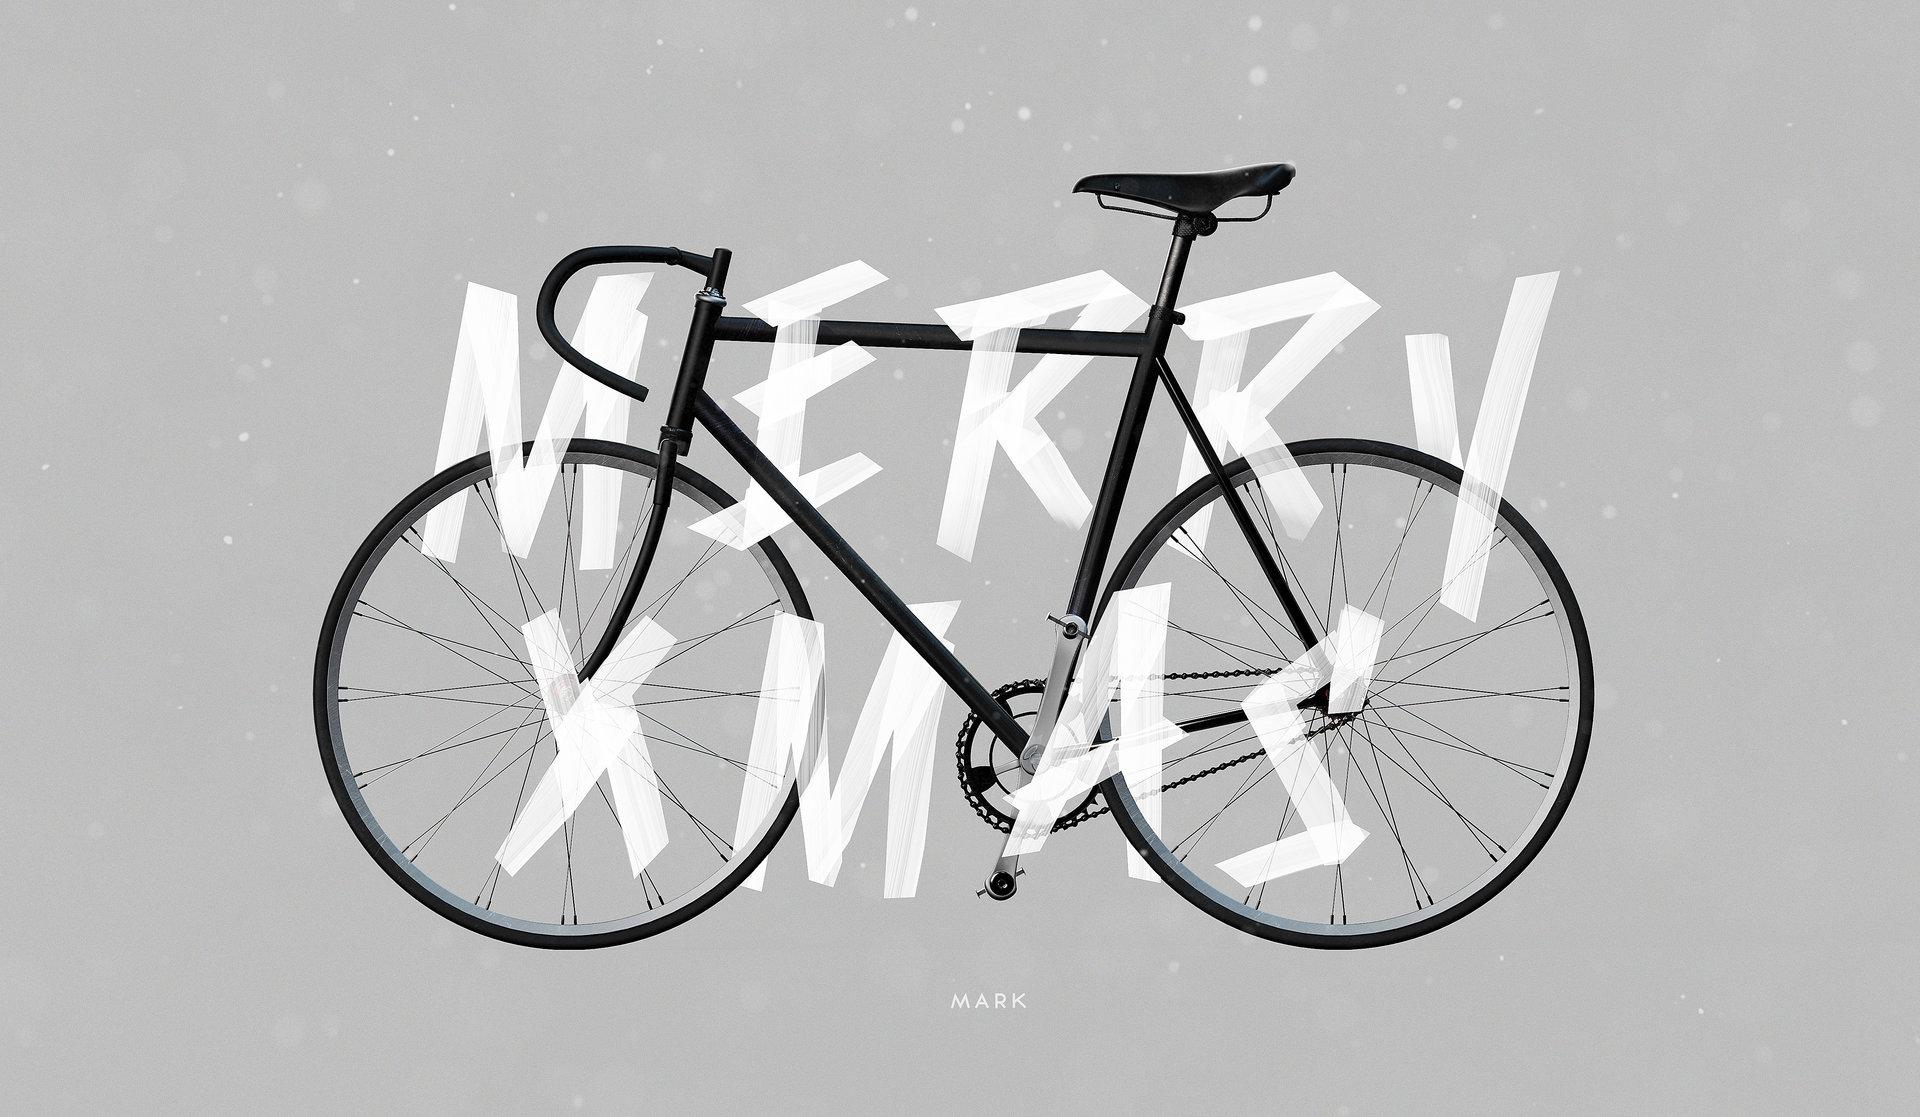 Mark chang bike22